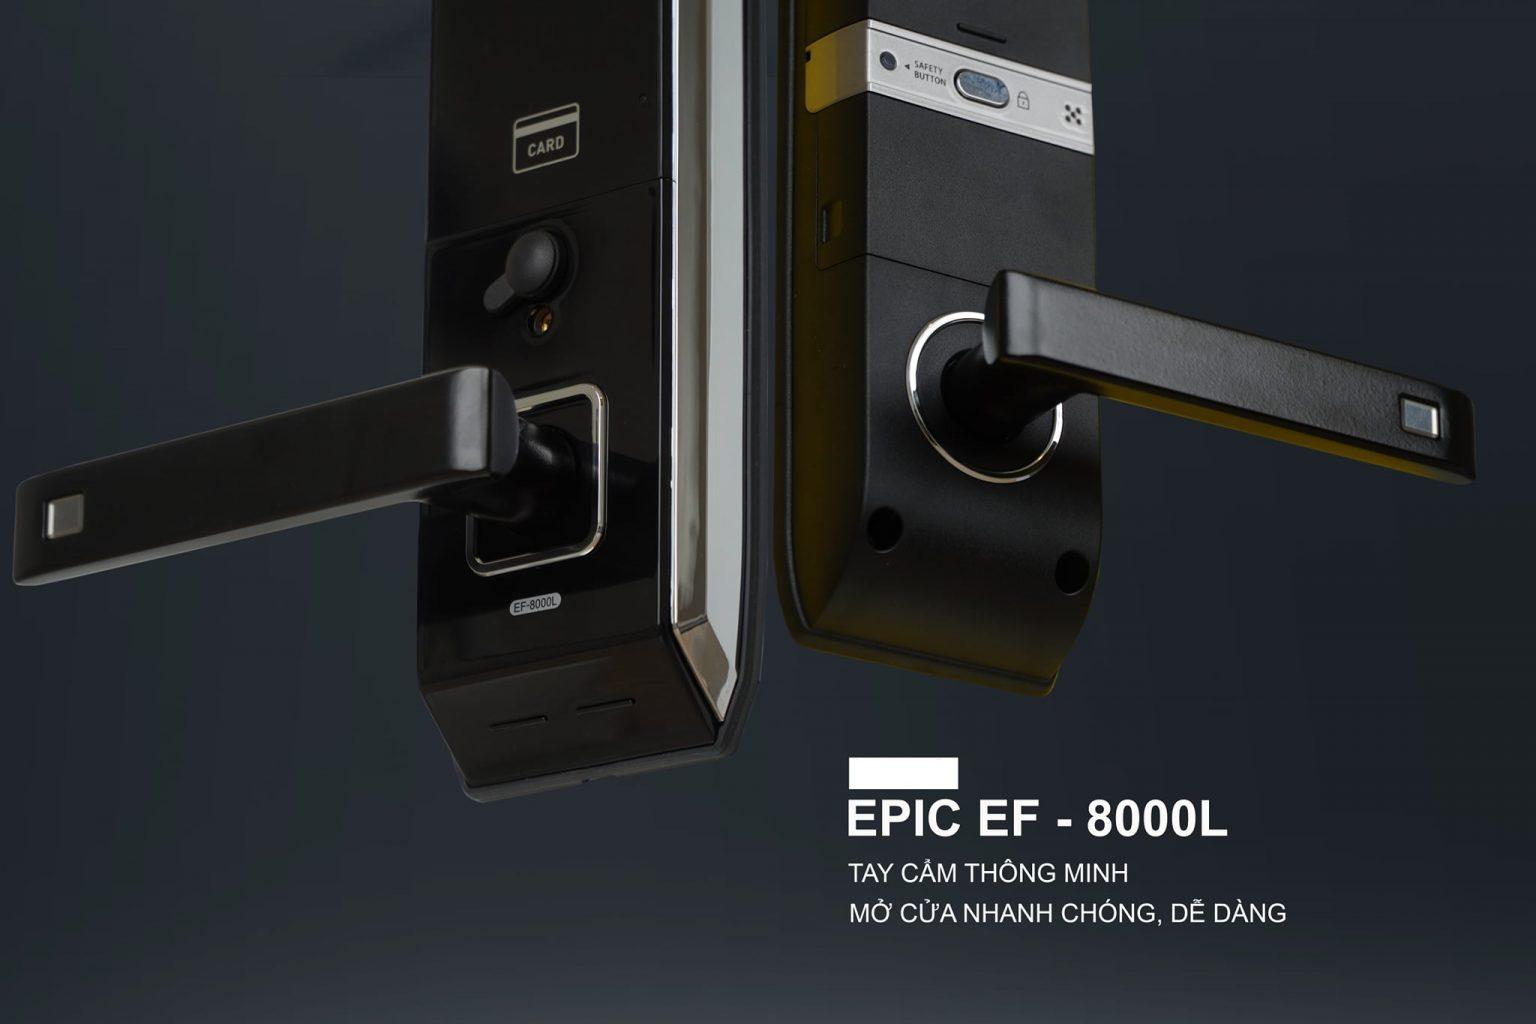 khóa vân tay điện tử Epic 8000L